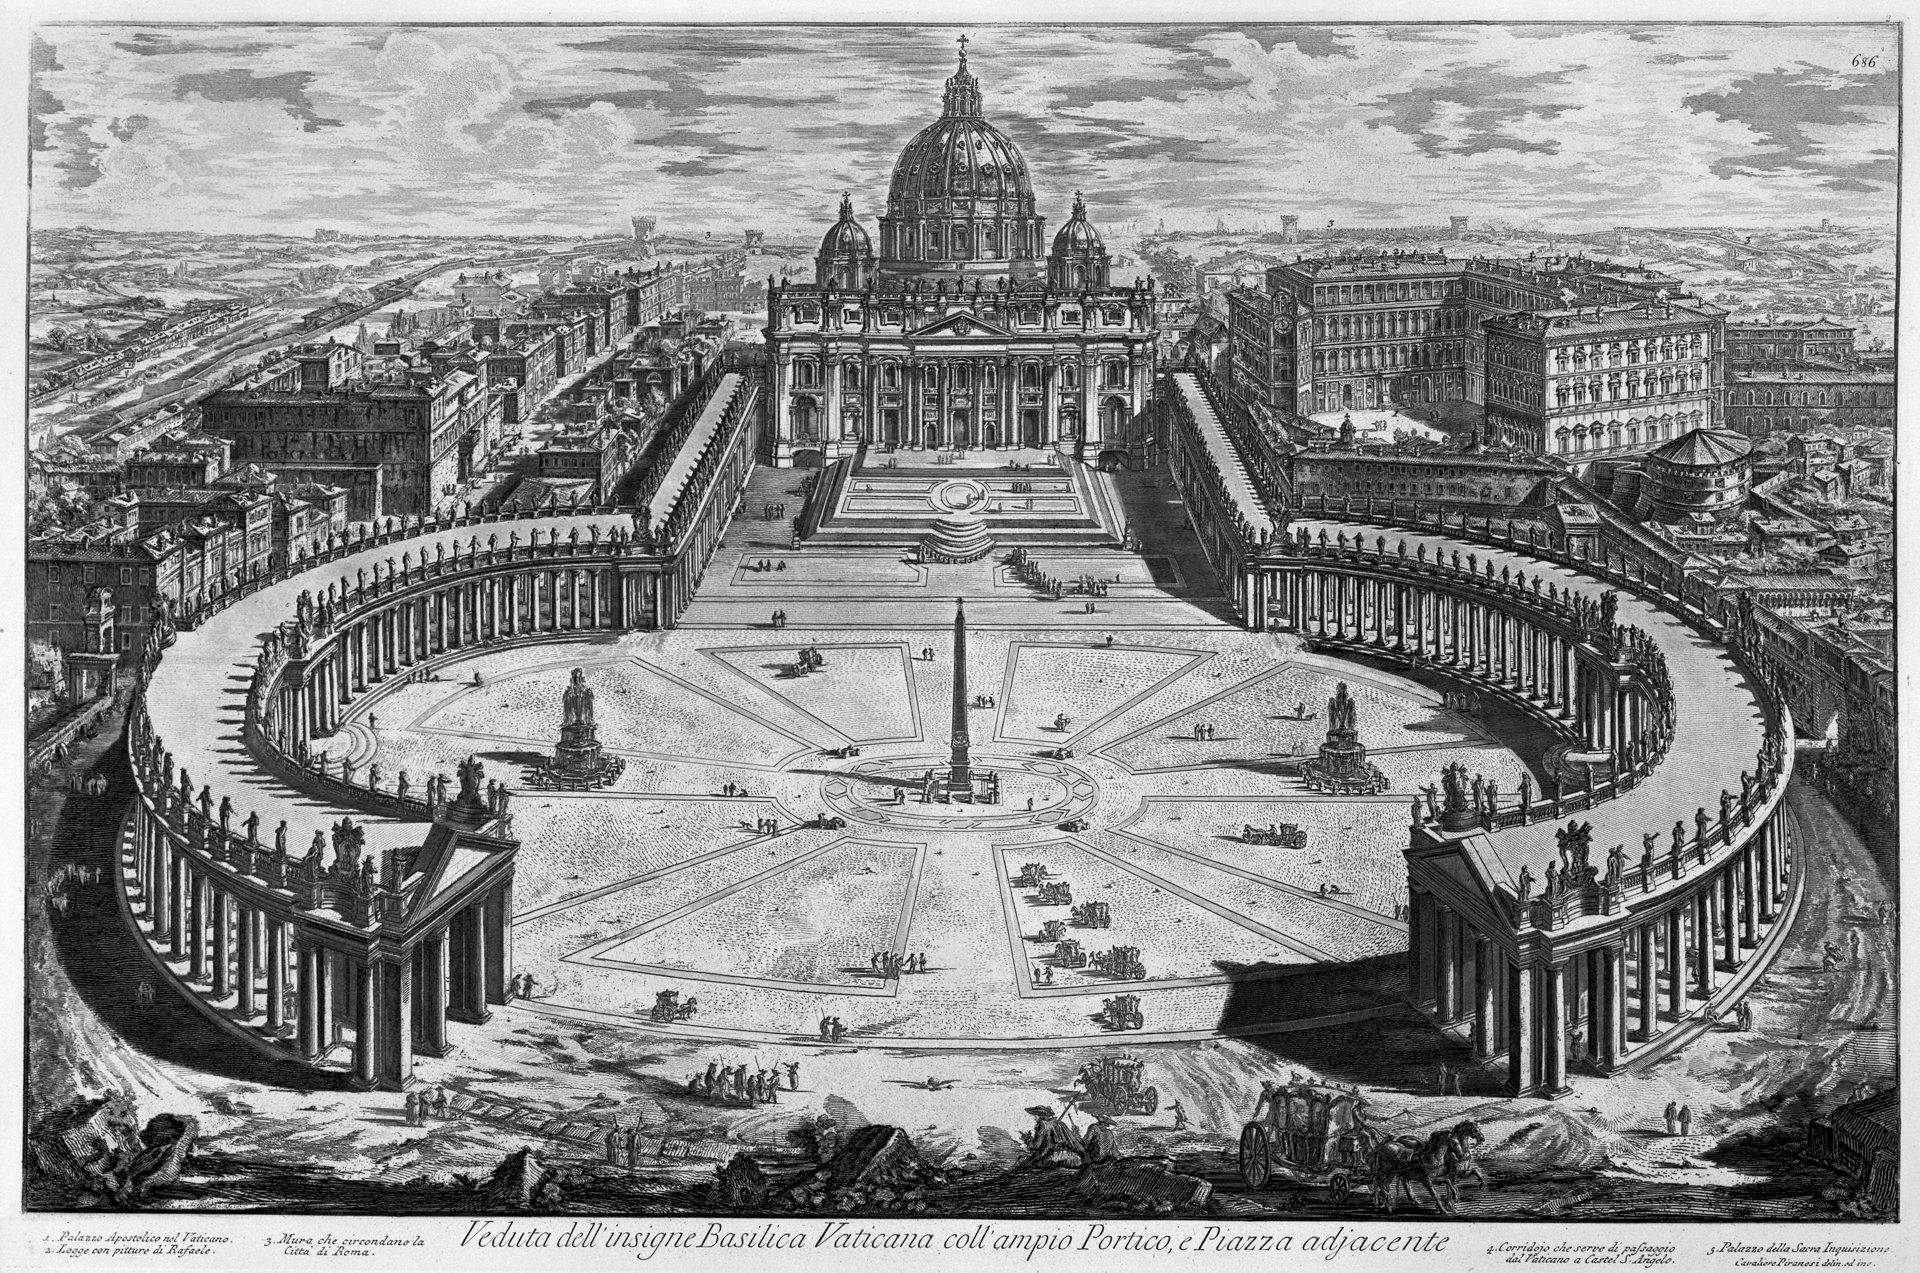 Piranesi-Basilica%20Vaticana